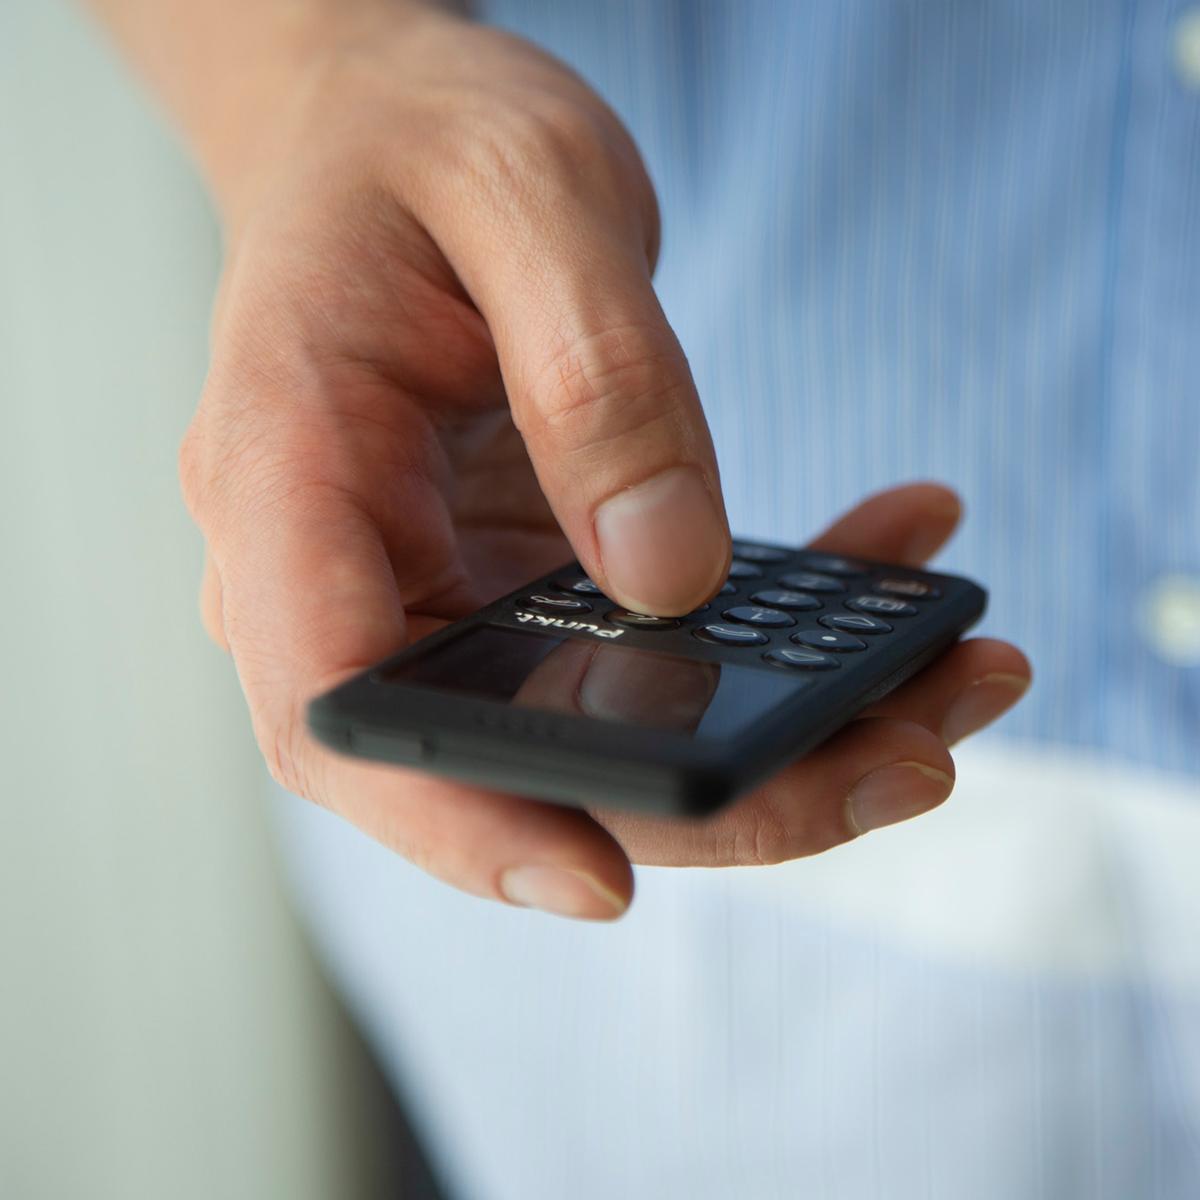 余計な機能がないうえ、モノクロ表示だから消費電力も少ない携帯電話・ミニマムフォン|Punkt.(プンクト)